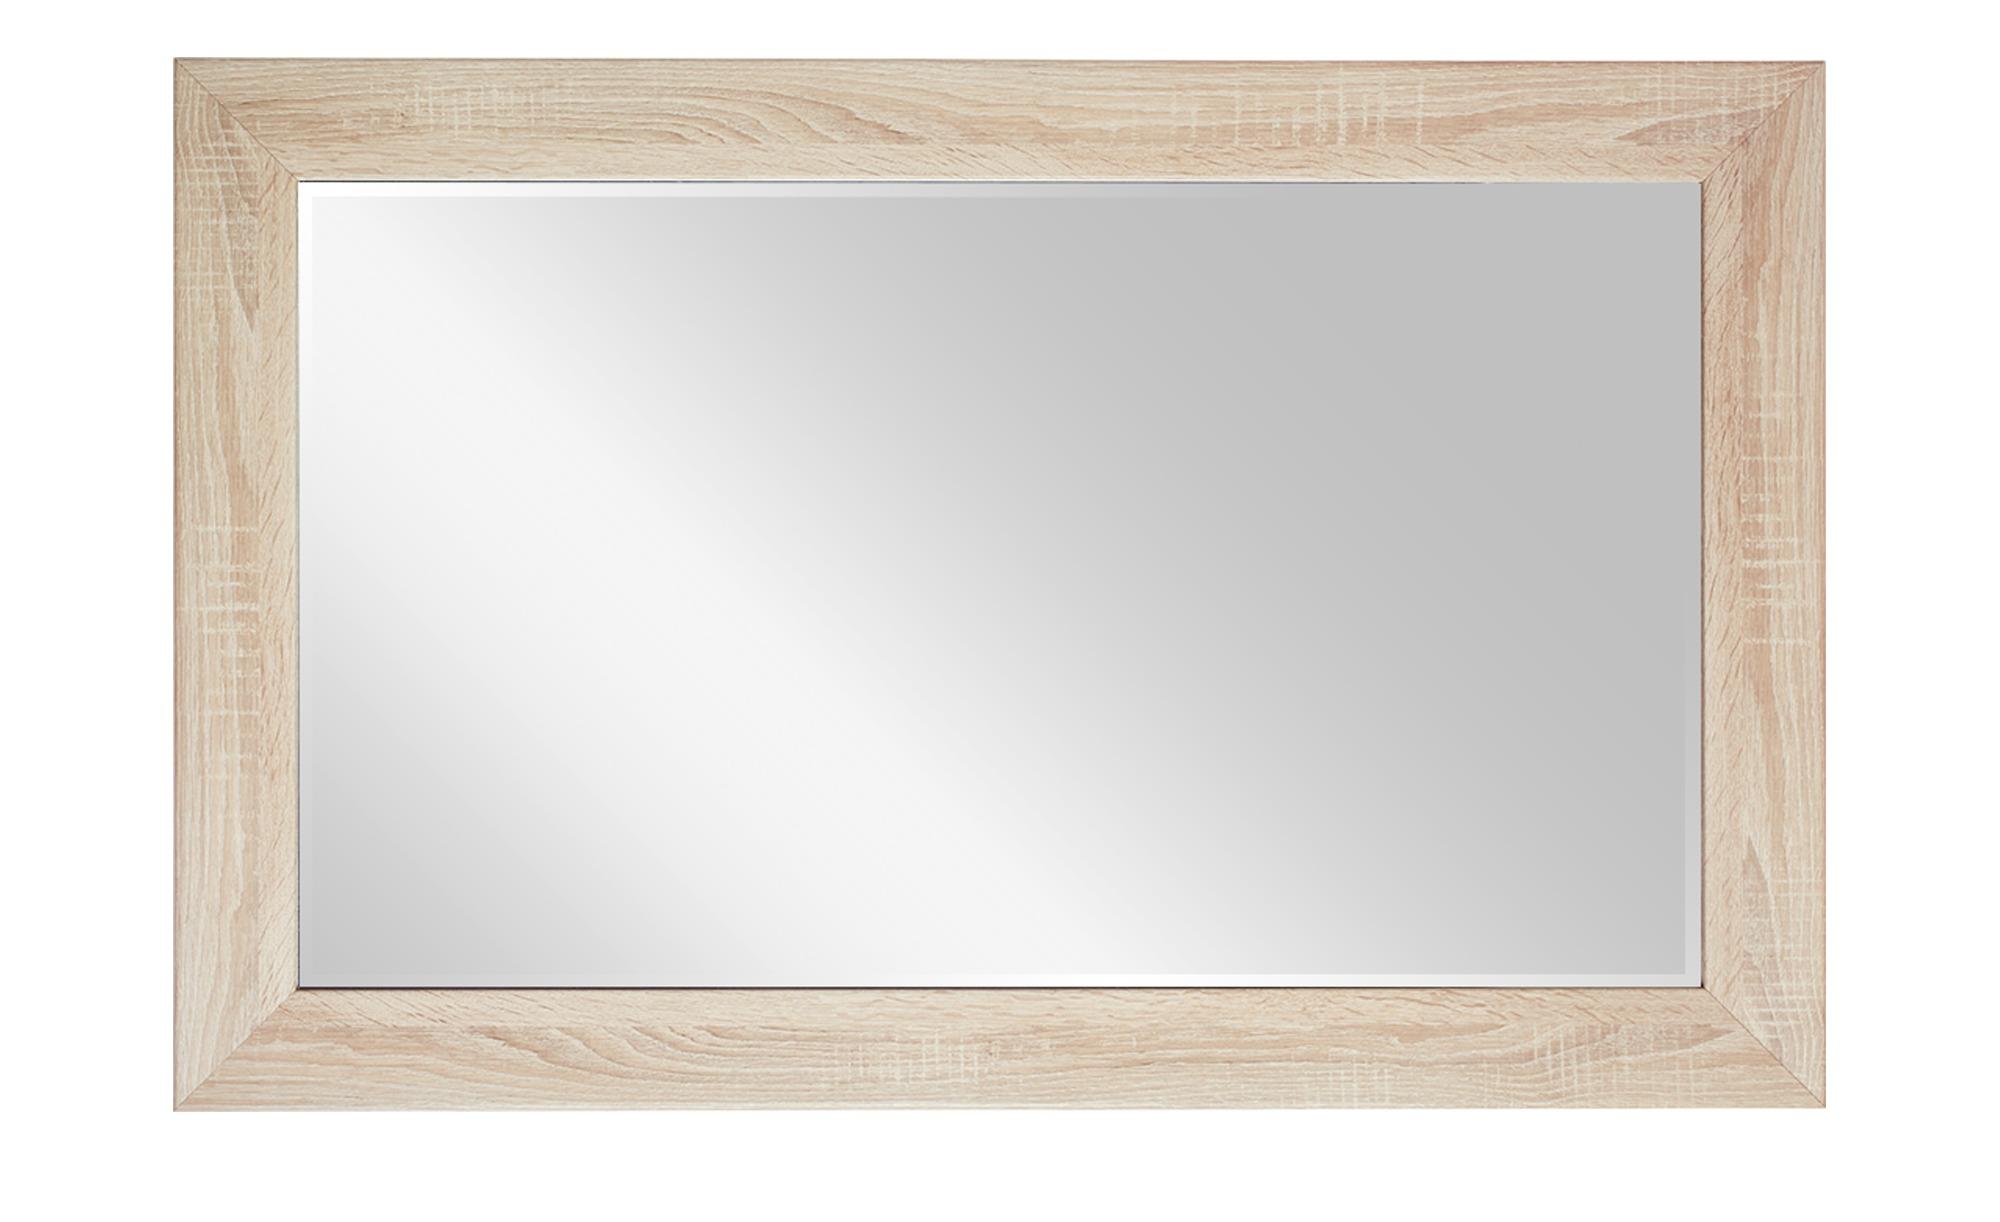 spiegel fiesta breite 110 cm h he 70 cm holzfarben online kaufen bei woonio. Black Bedroom Furniture Sets. Home Design Ideas